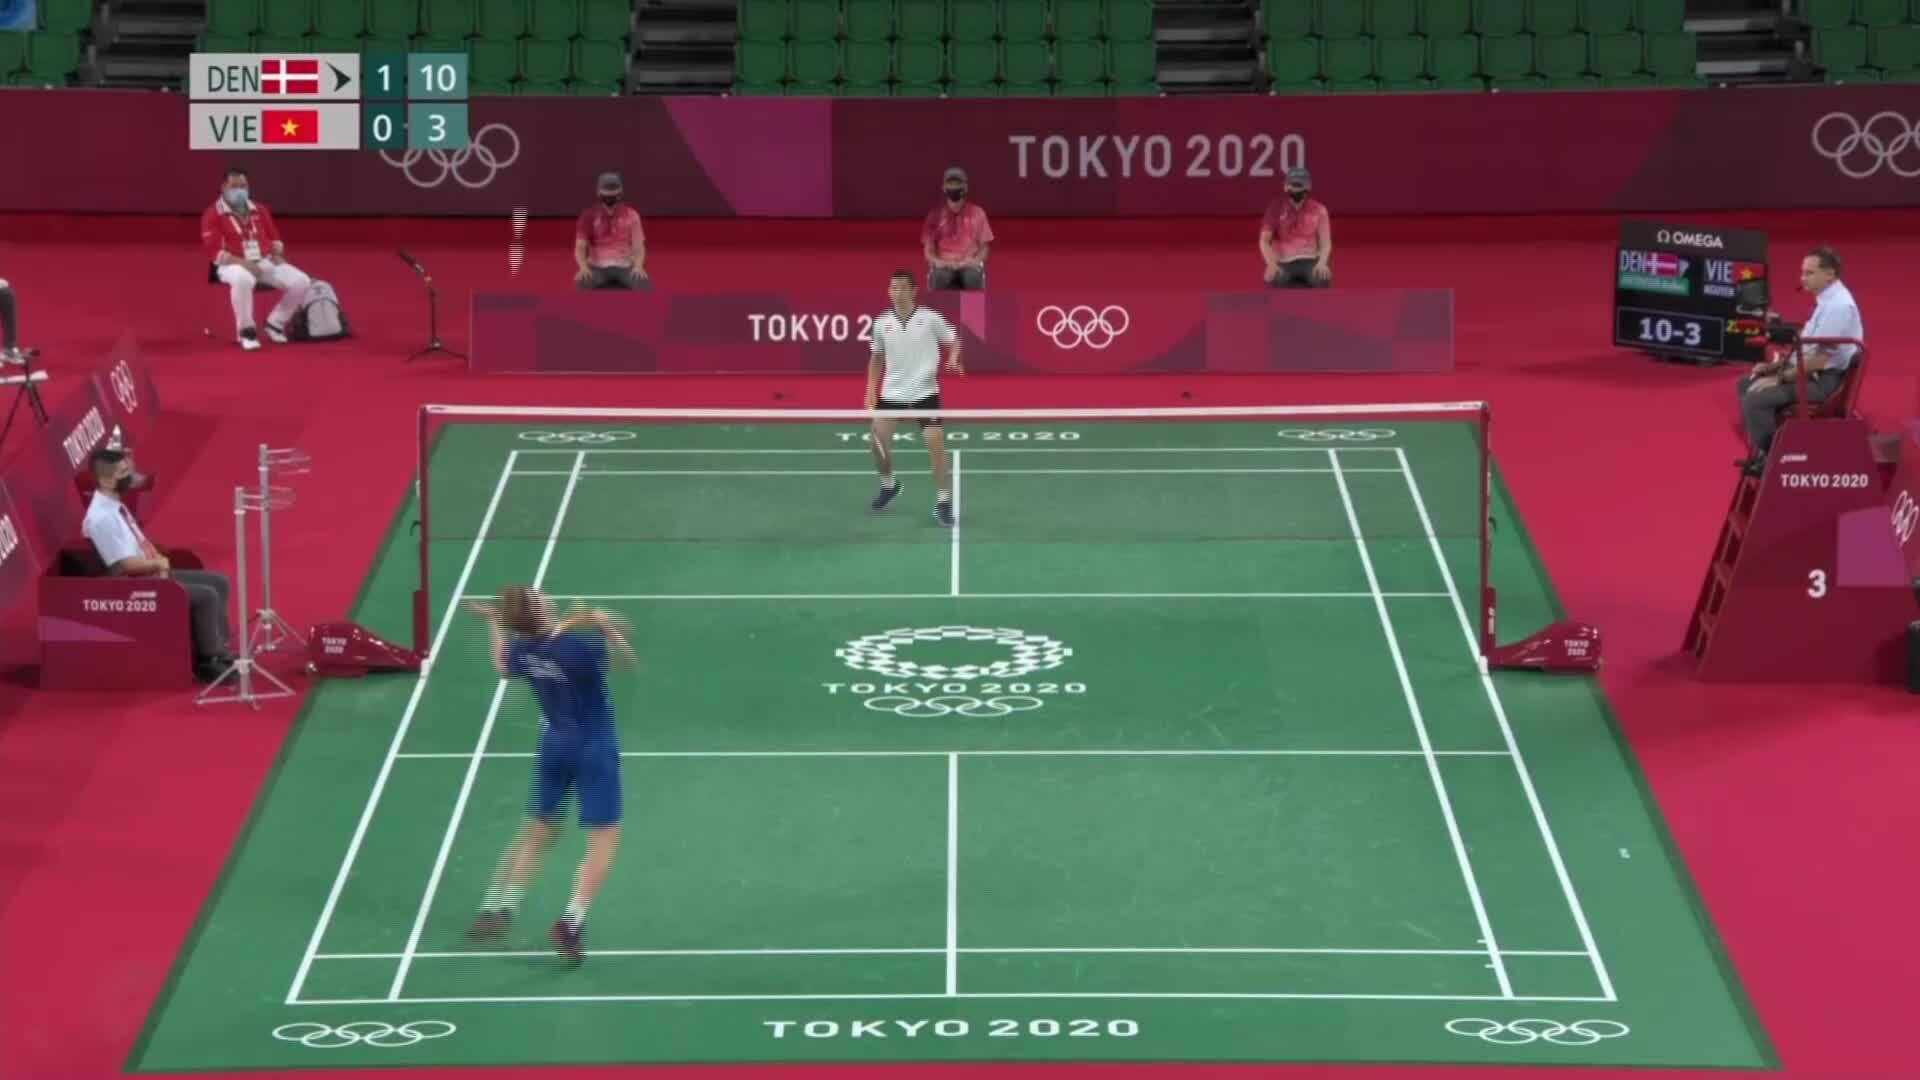 Tien Minh lost 6-13